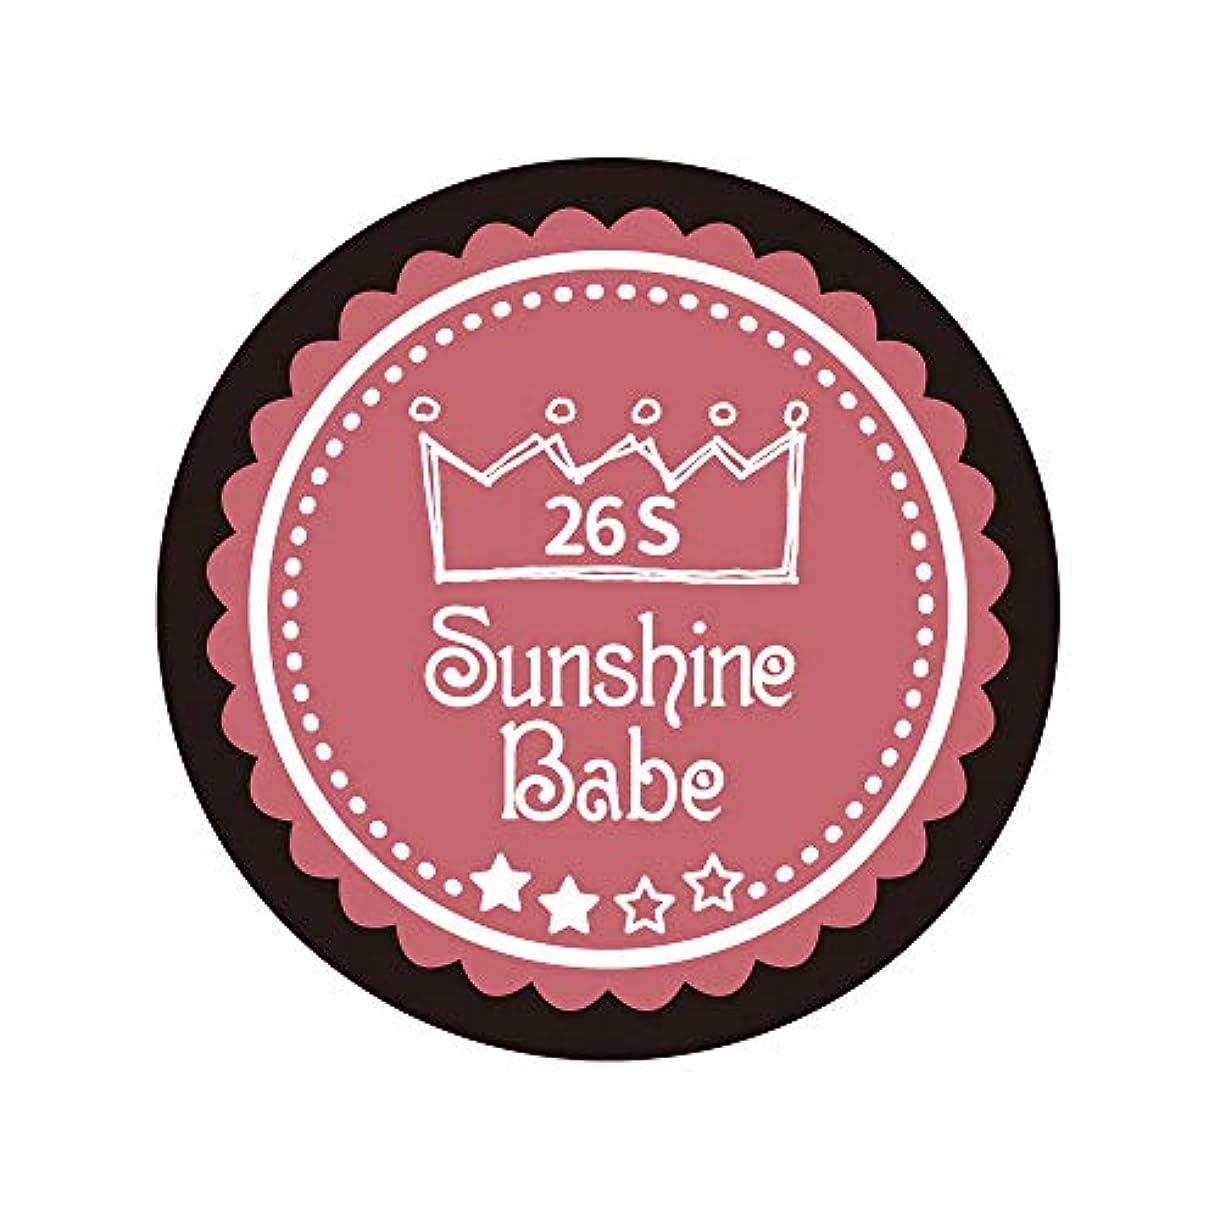 独立した住居墓Sunshine Babe カラージェル 26S ダスティローズ 2.7g UV/LED対応